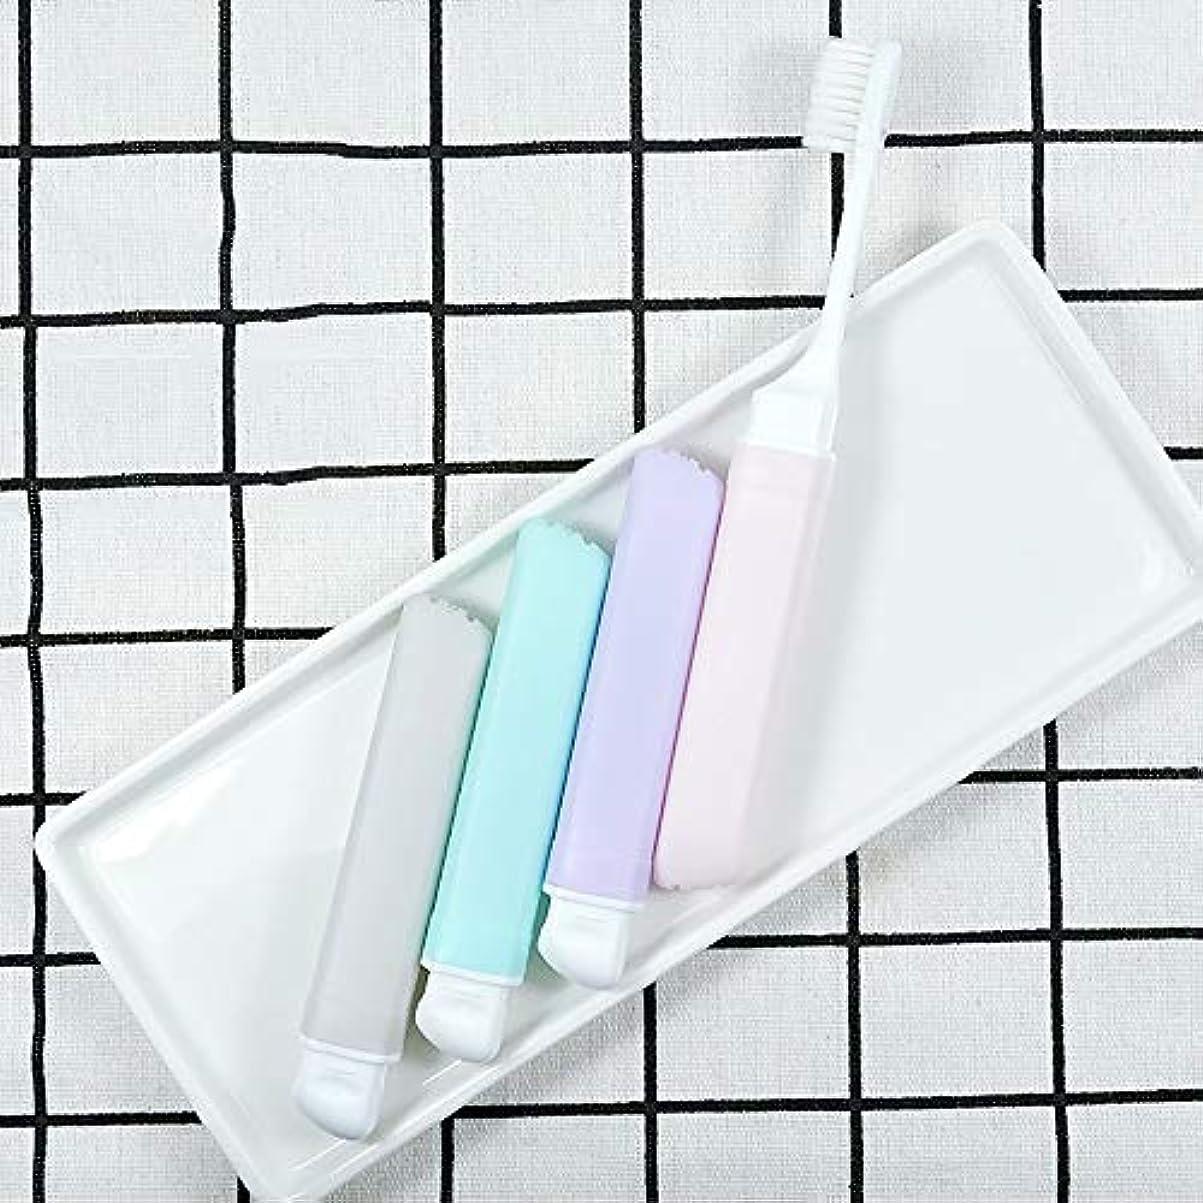 松スムーズにスペクトラム歯ブラシ 10柔らかい歯ブラシ、携帯用歯ブラシ、折り畳み式の大人歯ブラシ - 10パック HL (サイズ : 10 packs)